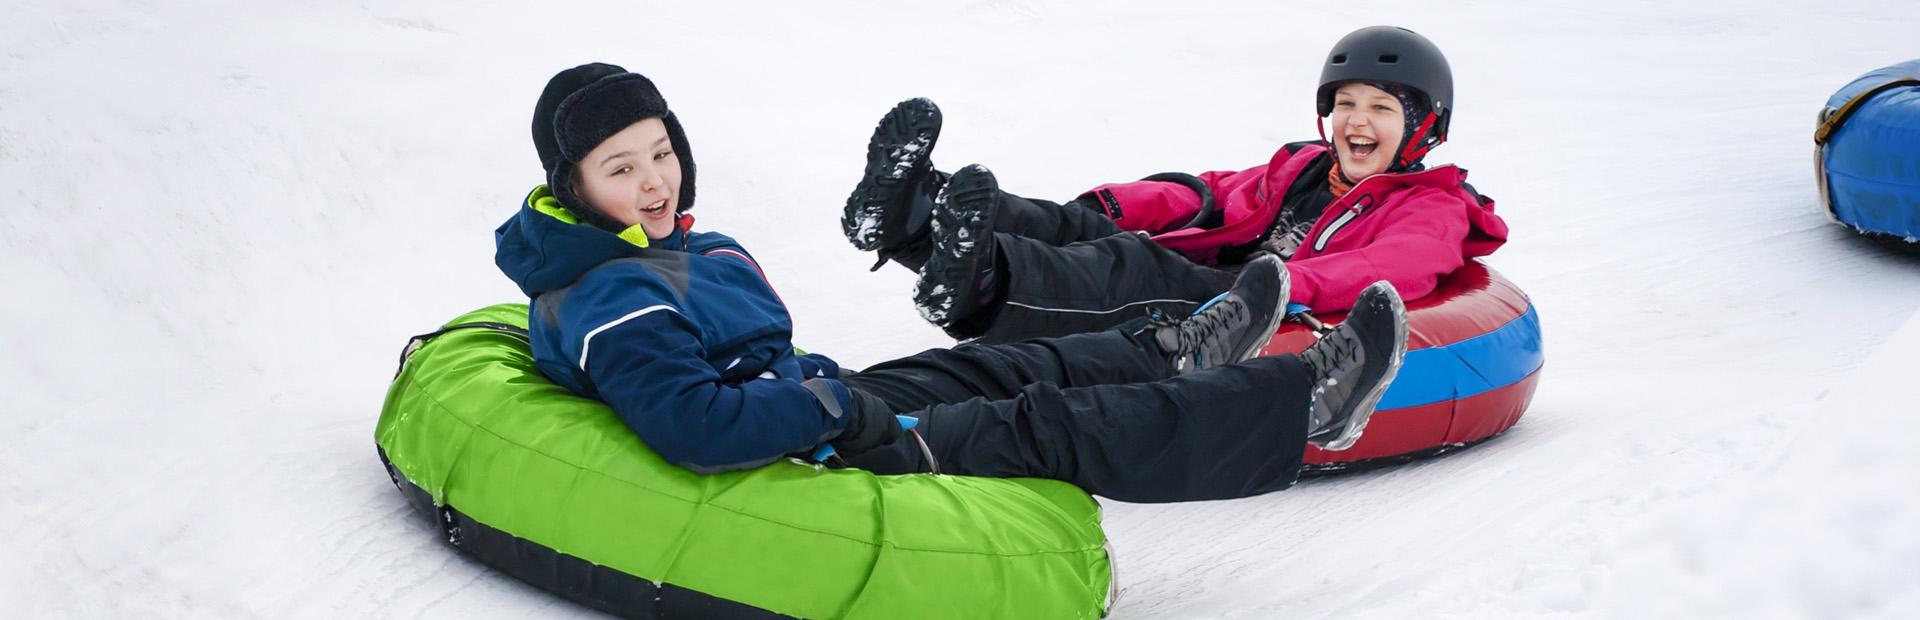 Excursión escolar a sierra nevada